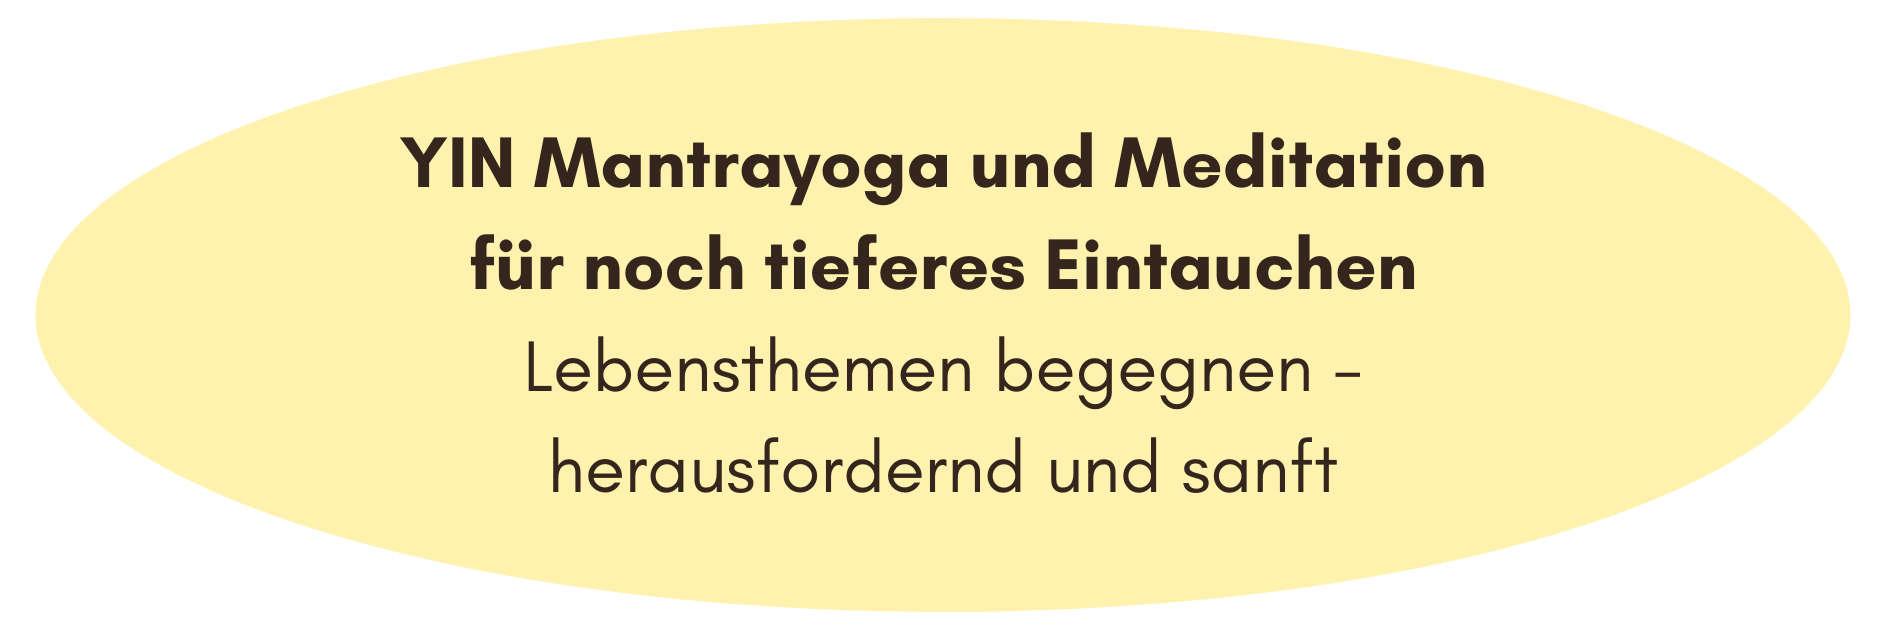 YIN Mantrayoga und Meditation für noch tieferes Eintauchen Lebensthemen begegnen - herausfordernd und sanft